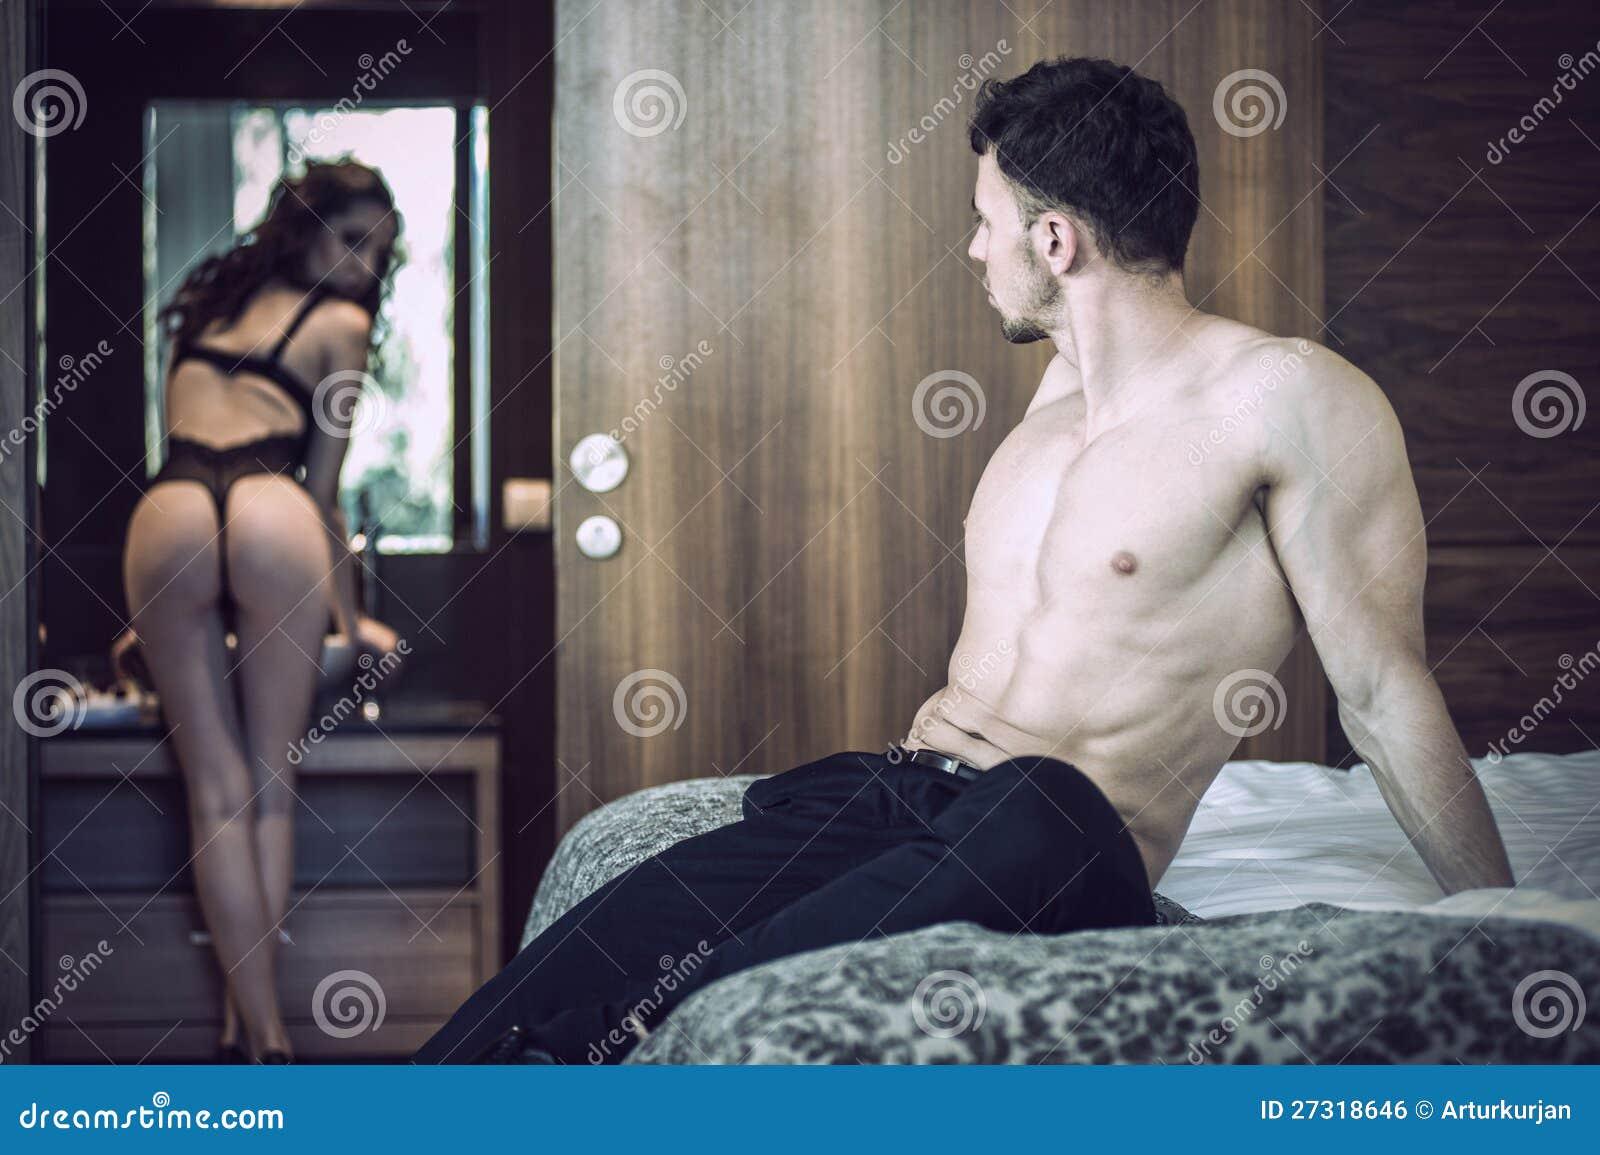 Сексуальные фразы мужу, Как соблазнять мужчину на расстоянии, какими словами 23 фотография